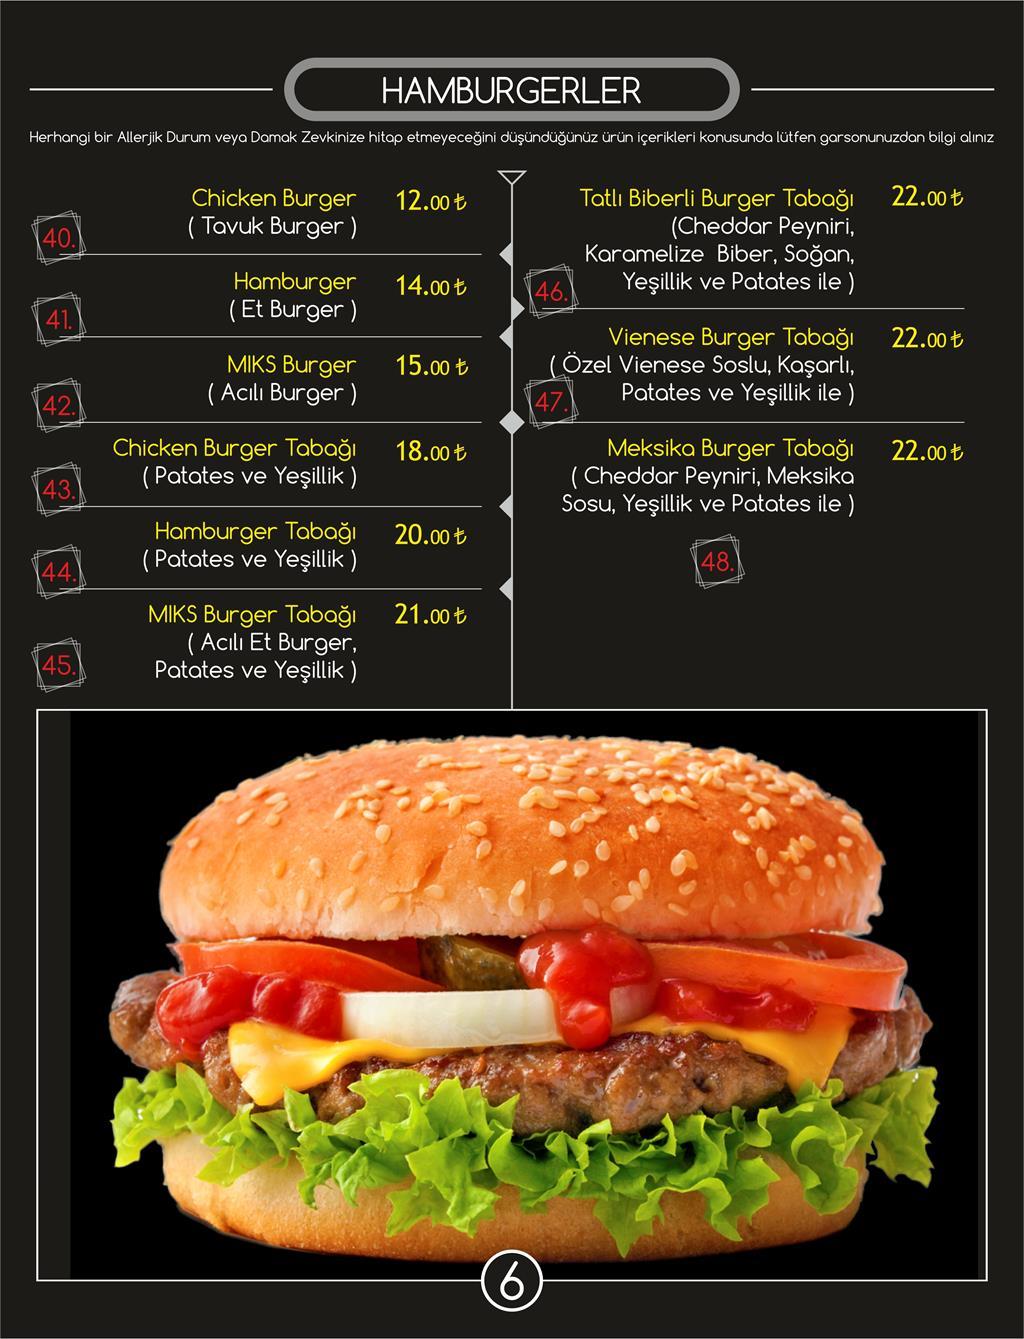 miks lounge menü fiyat listesi ve kampanyalar